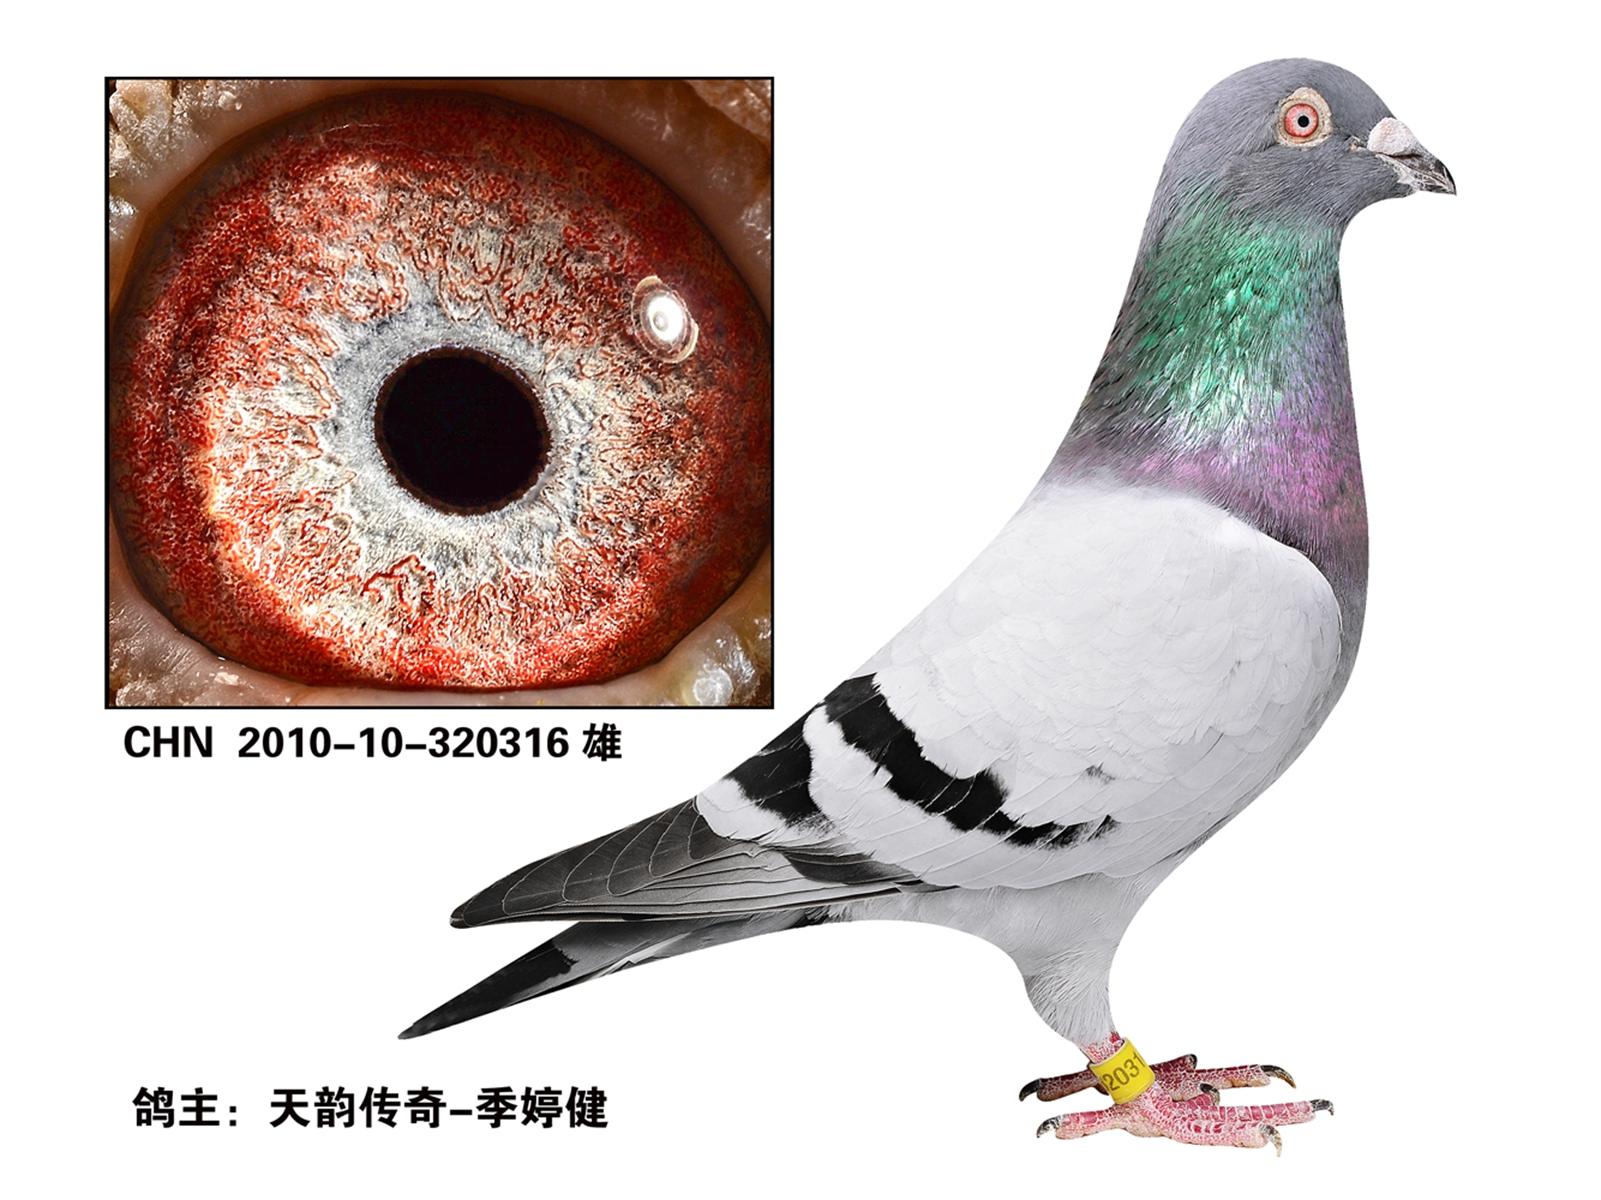 詹森老白眼信鸽图片展示图片